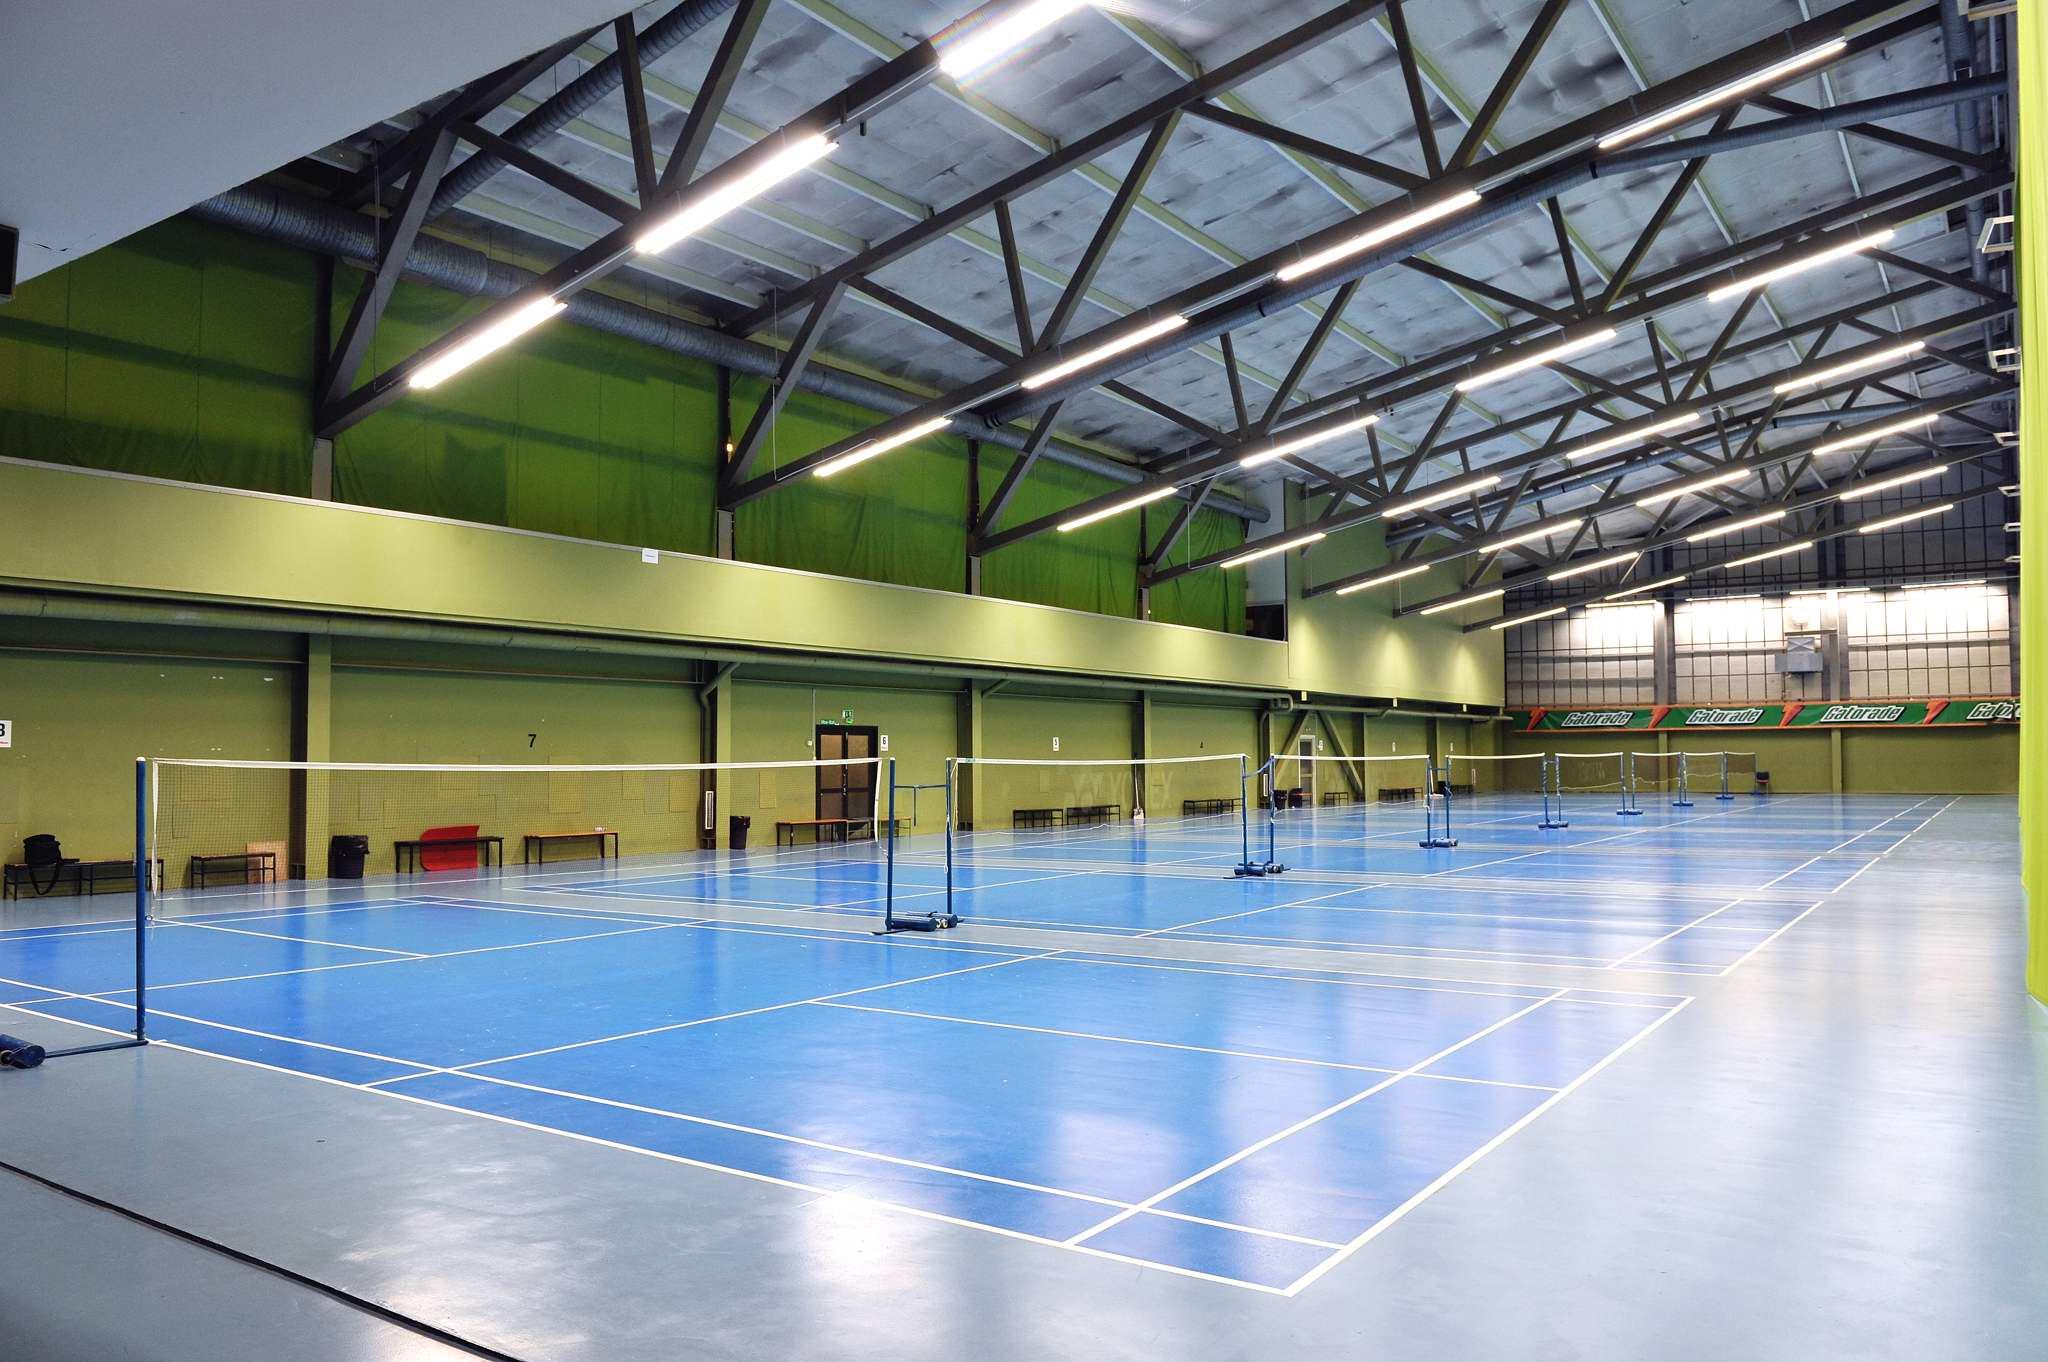 Pickleball Finnish Open 2019 venue